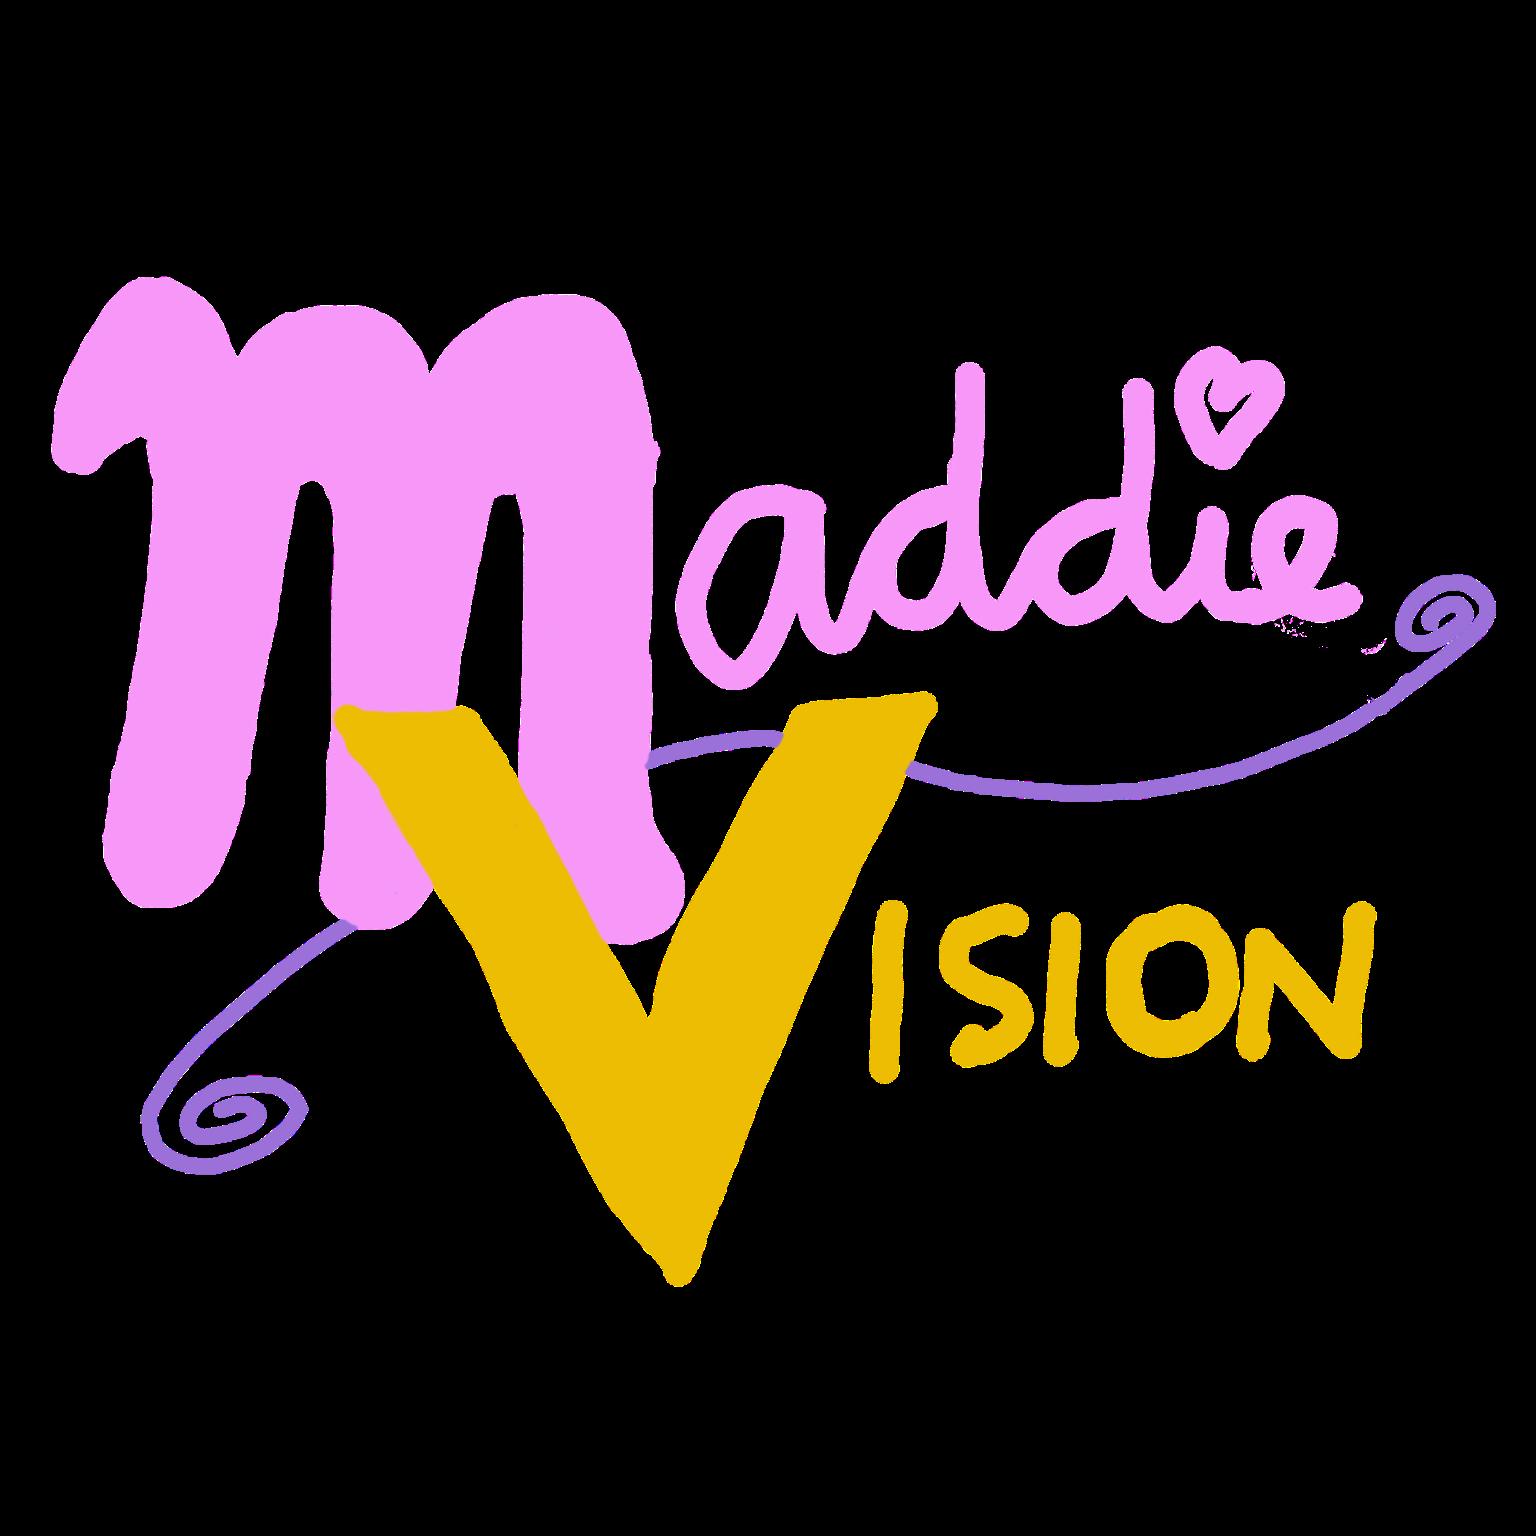 maddie vision logo